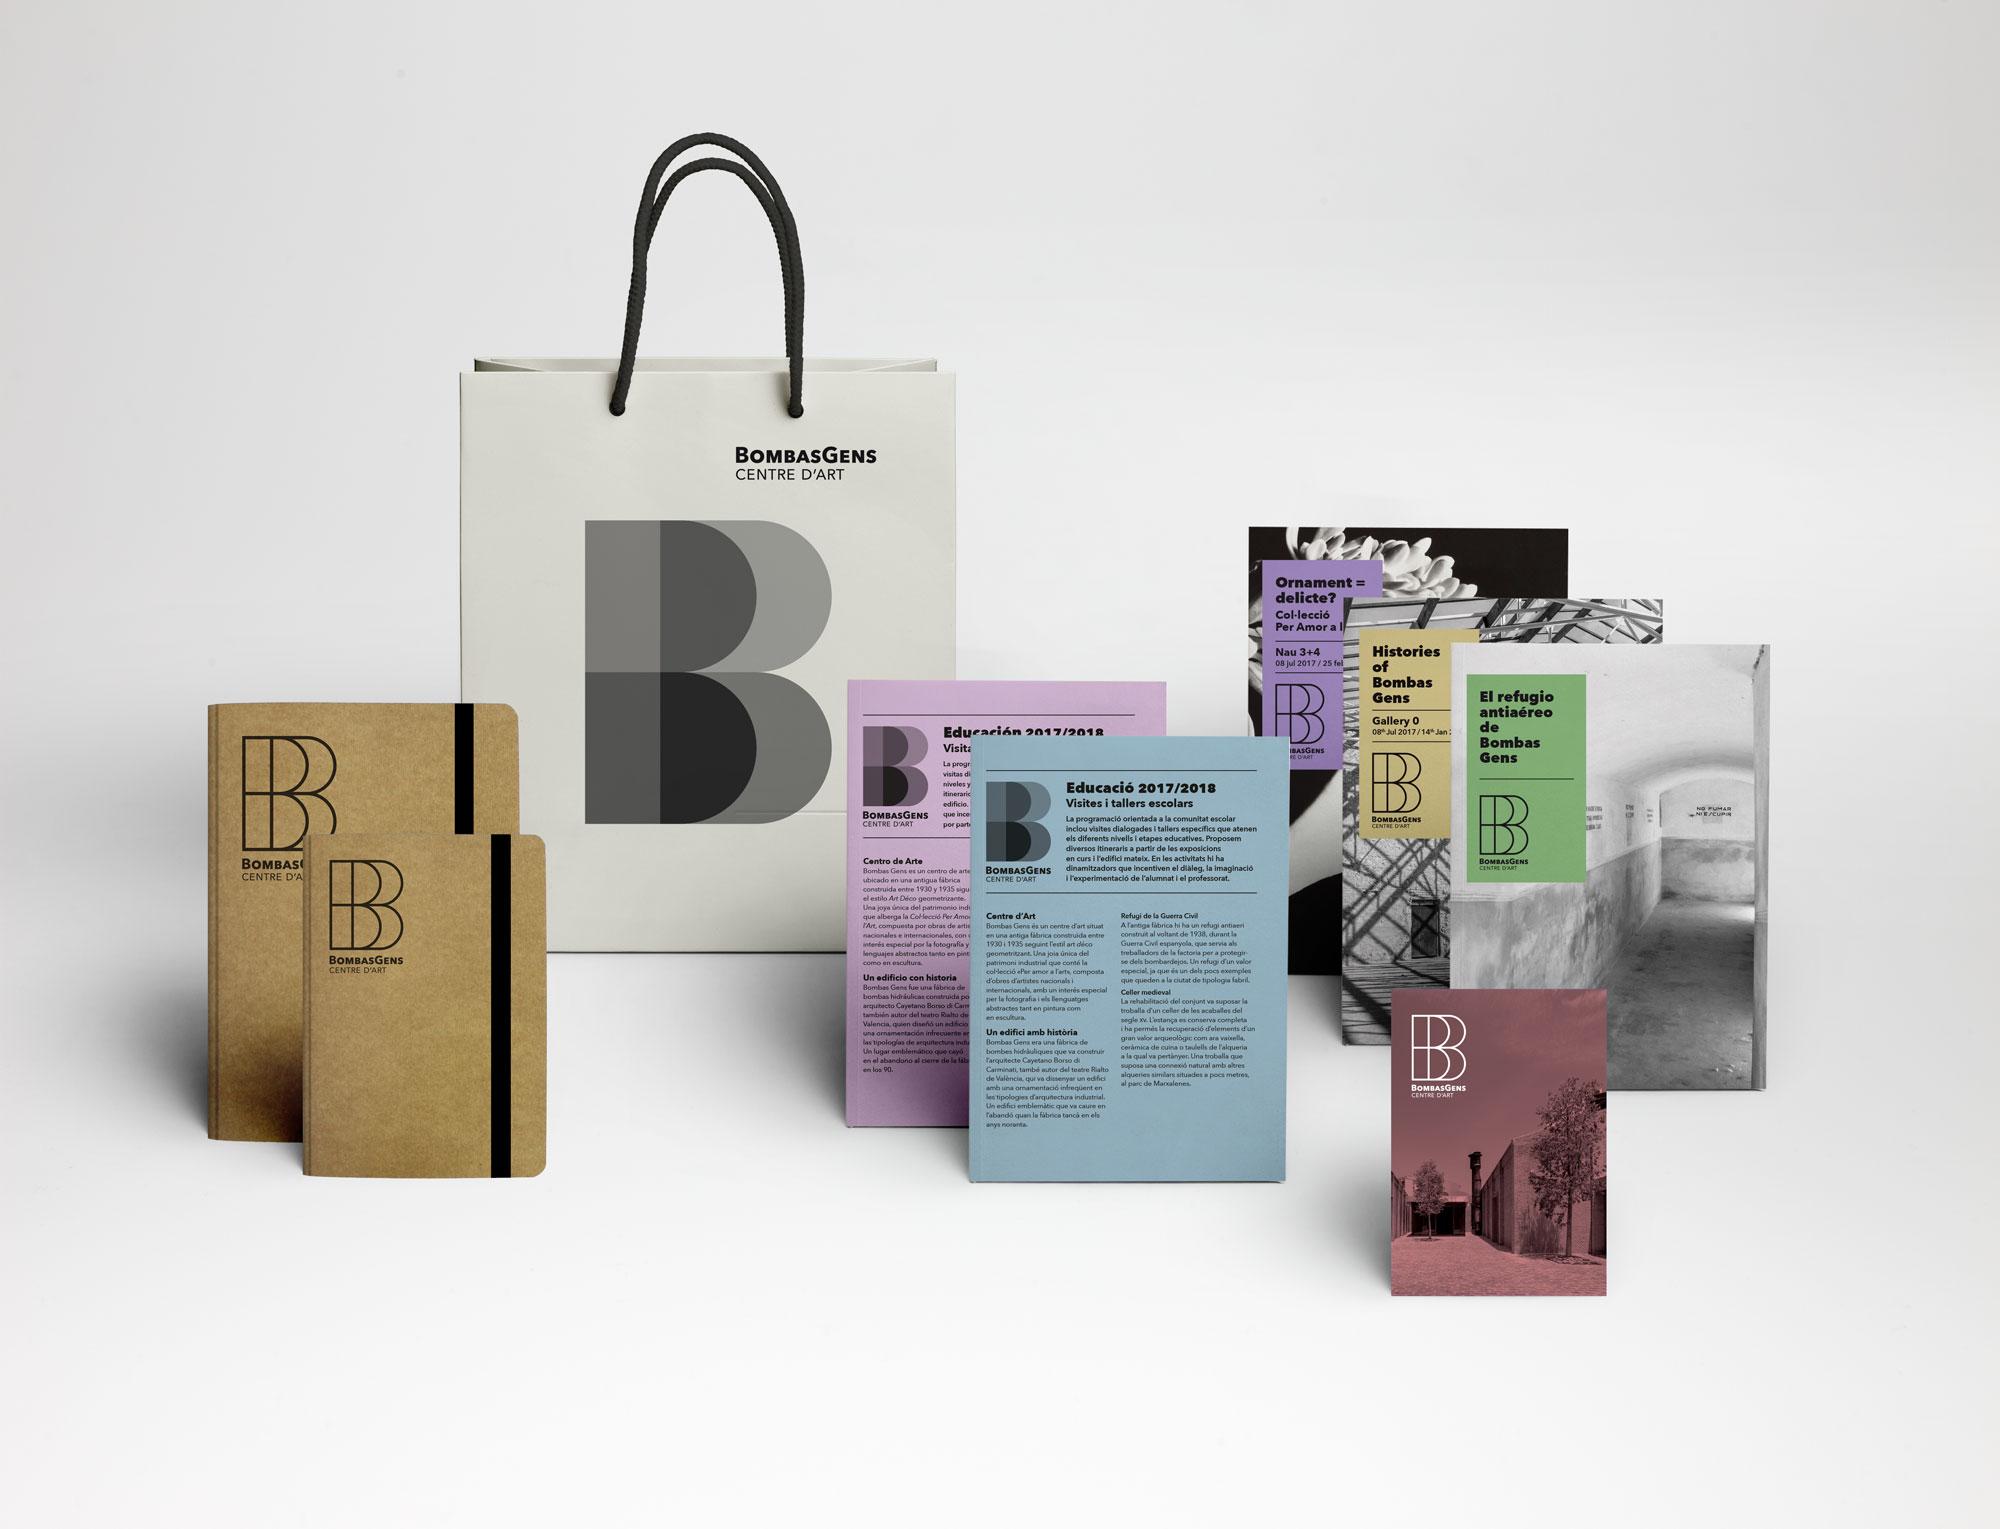 Bombas Gens by Gallén+Ibáñez - Creative Work - $i